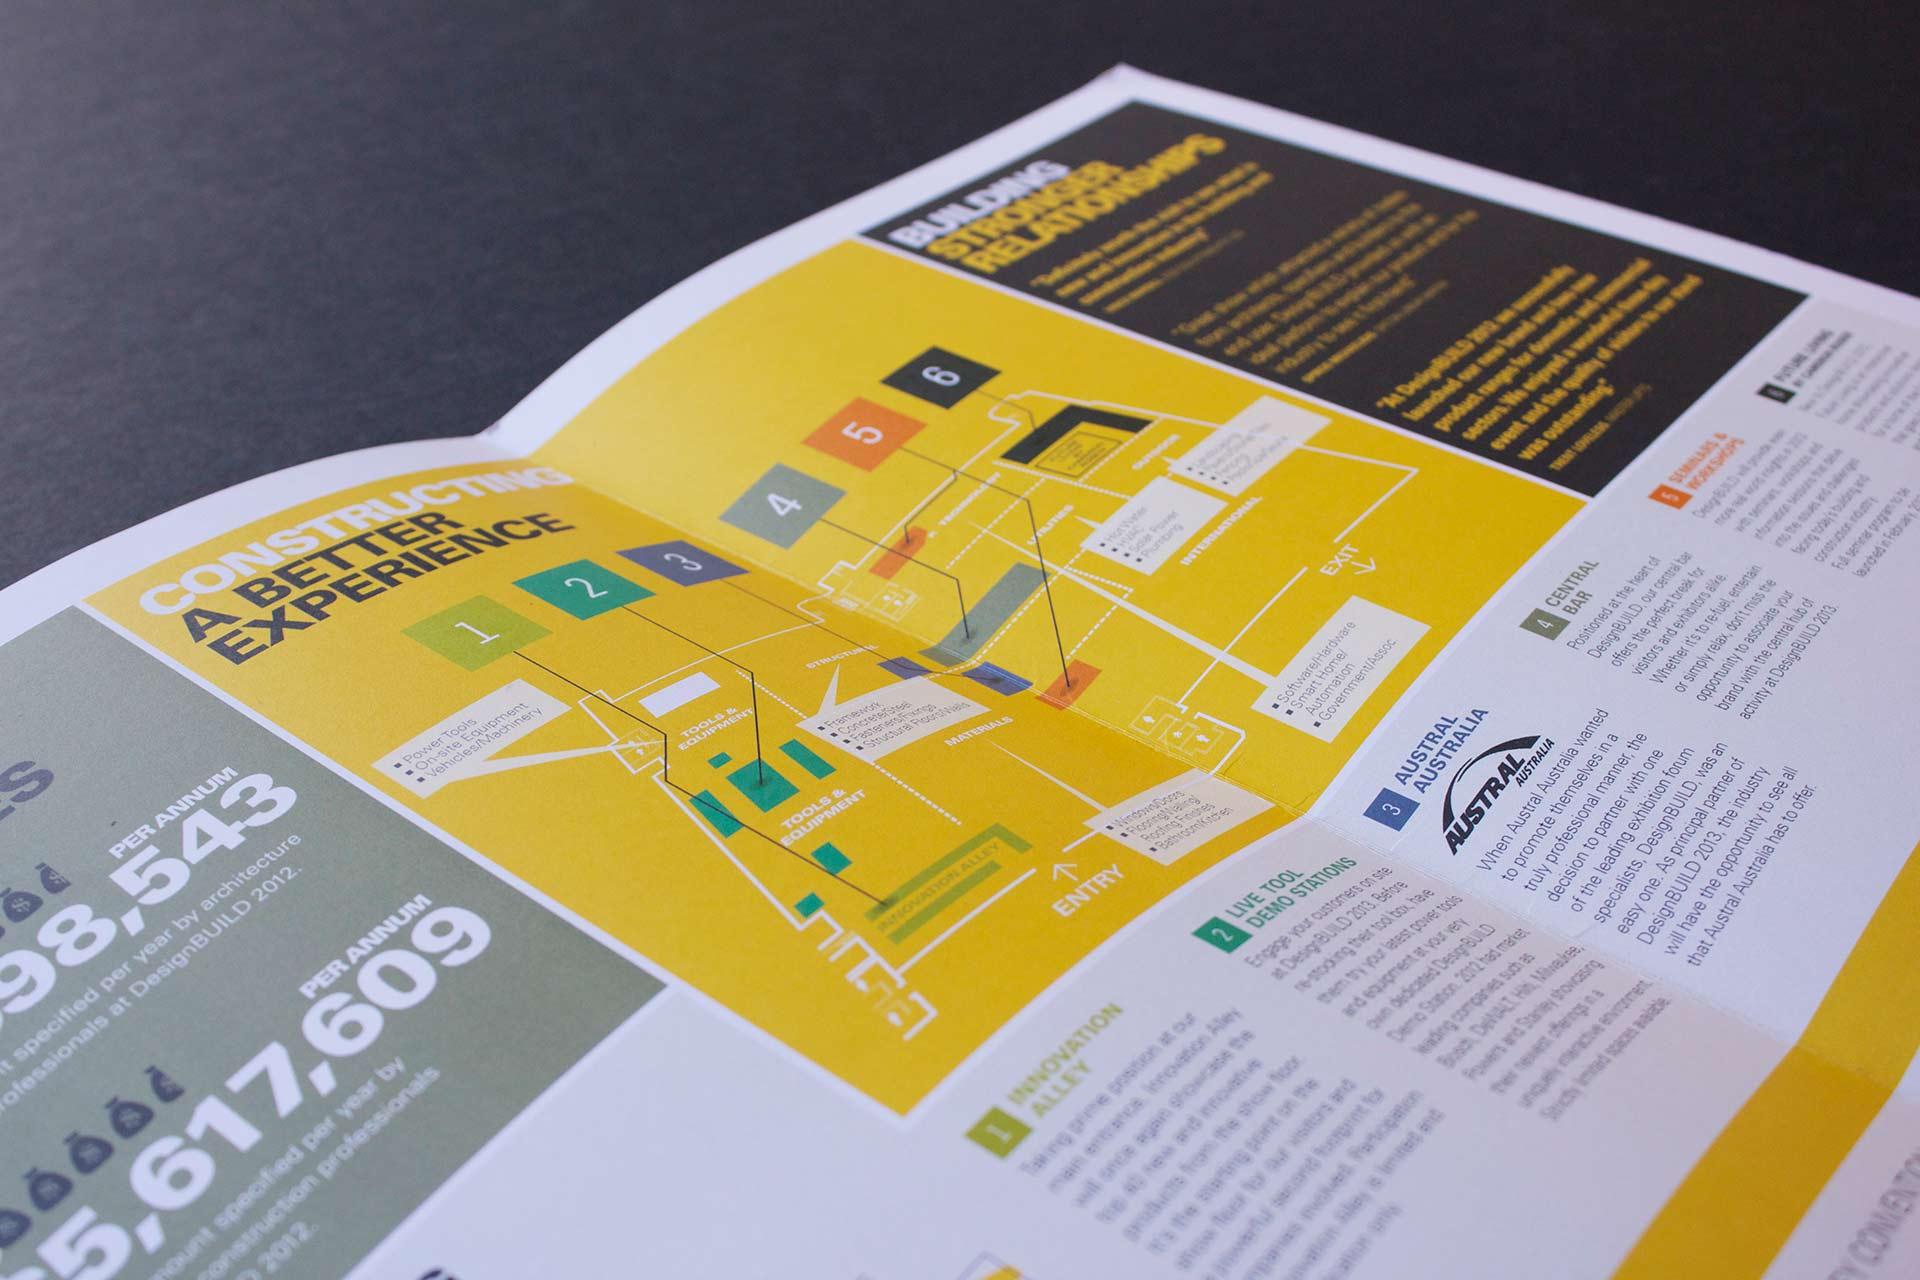 designbuild13_brochure3-web.jpg